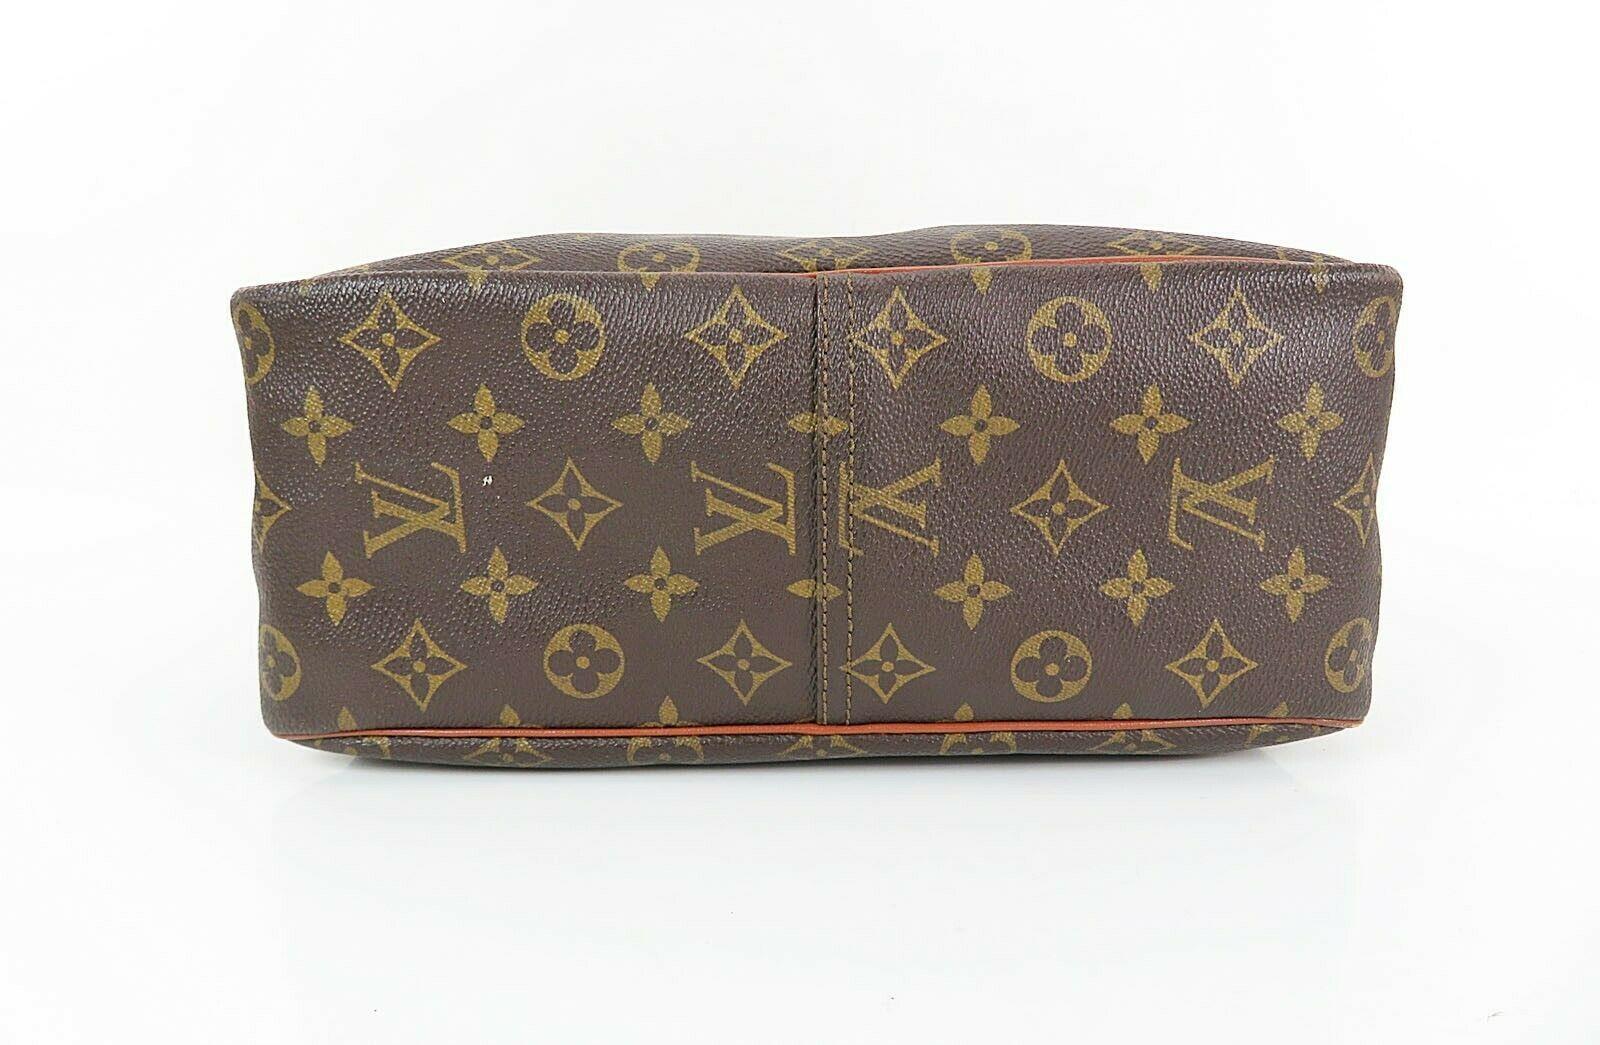 Auth VTG LOUIS VUITTON Marceau Monogram Messenger Shoulder Bag #34998 image 6